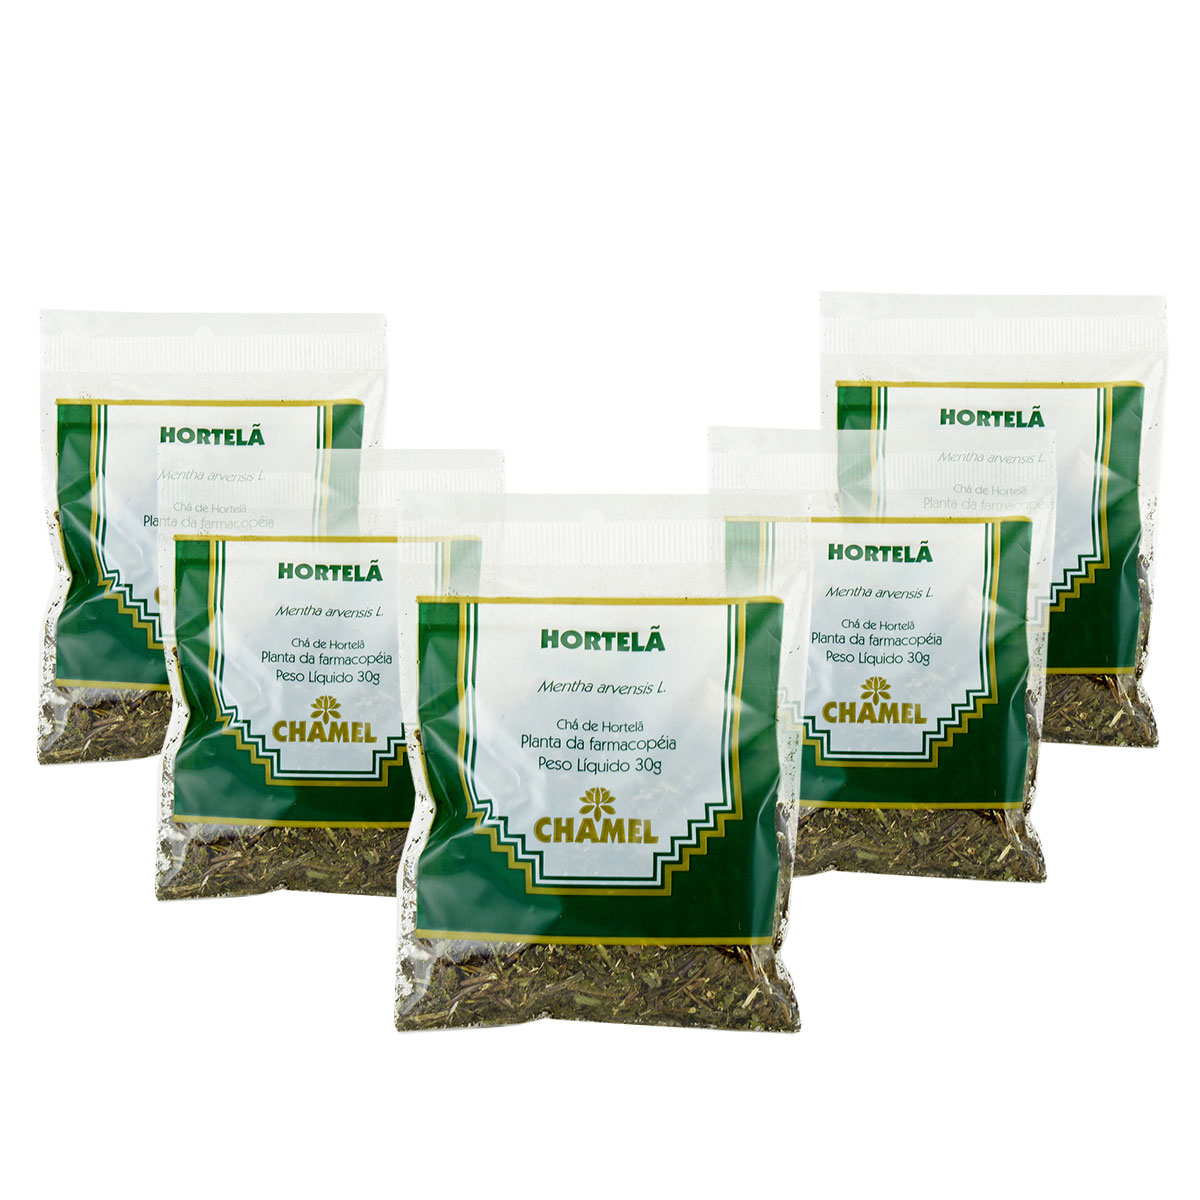 Hortelã Pimenta 30g Chamel com 5 Unidades - Chá Folhas.